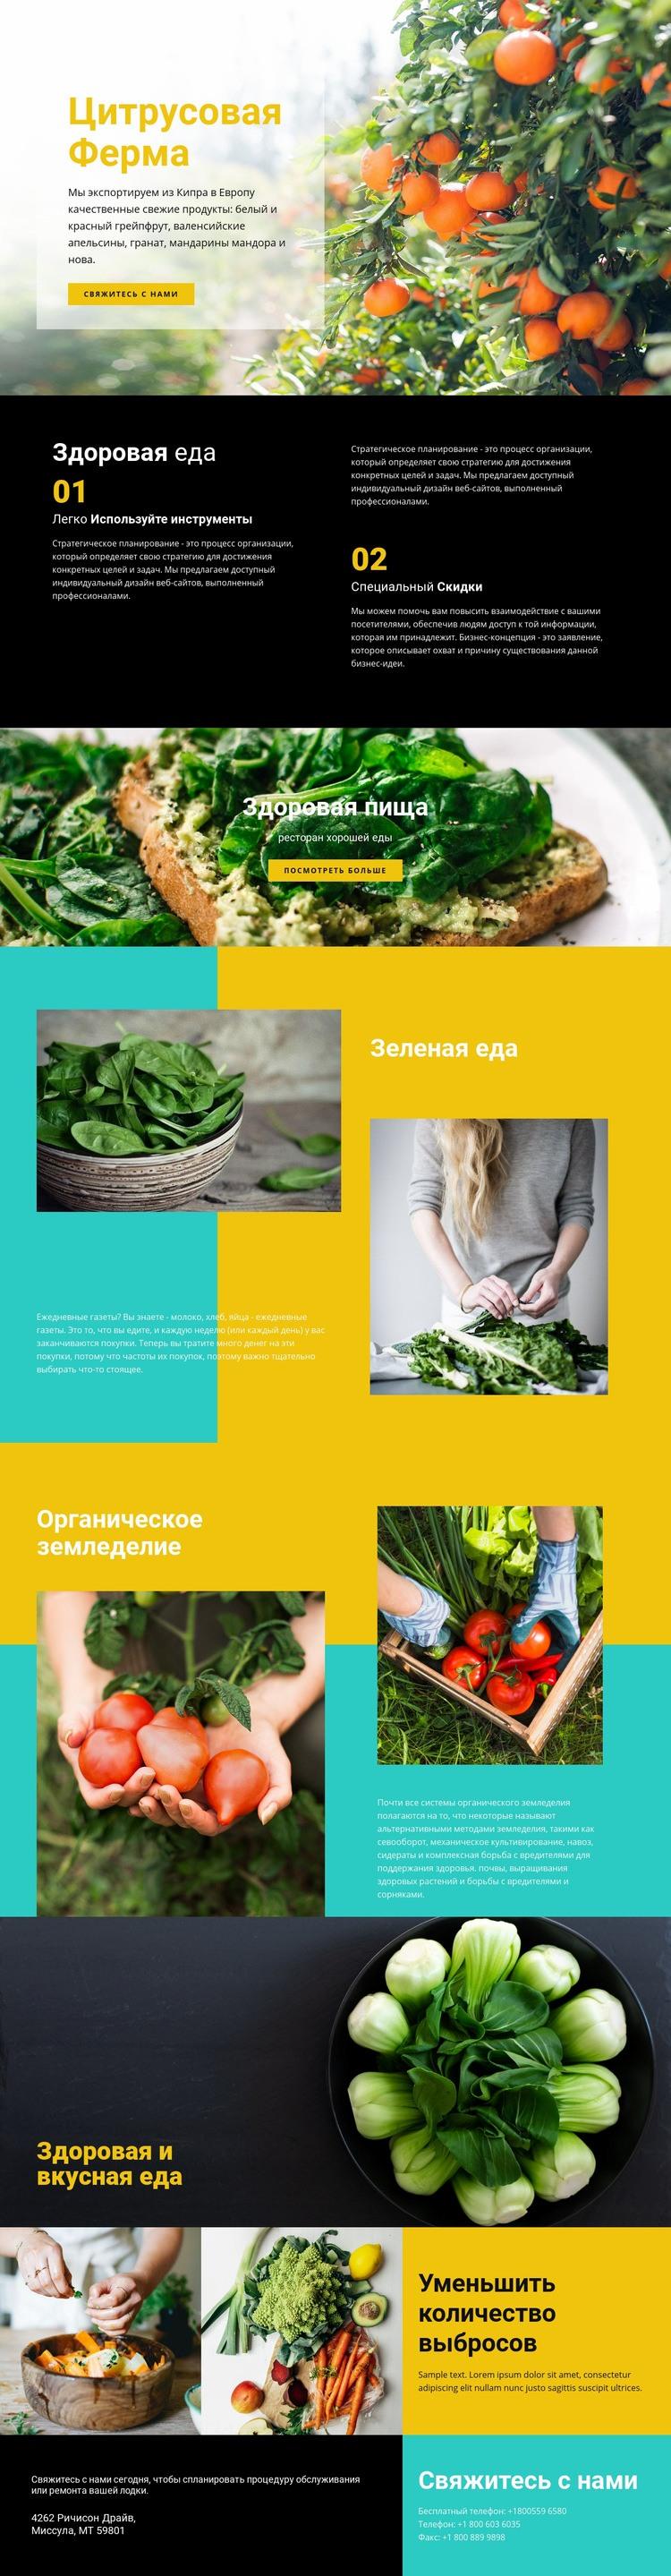 Здоровая и свежая еда HTML шаблон